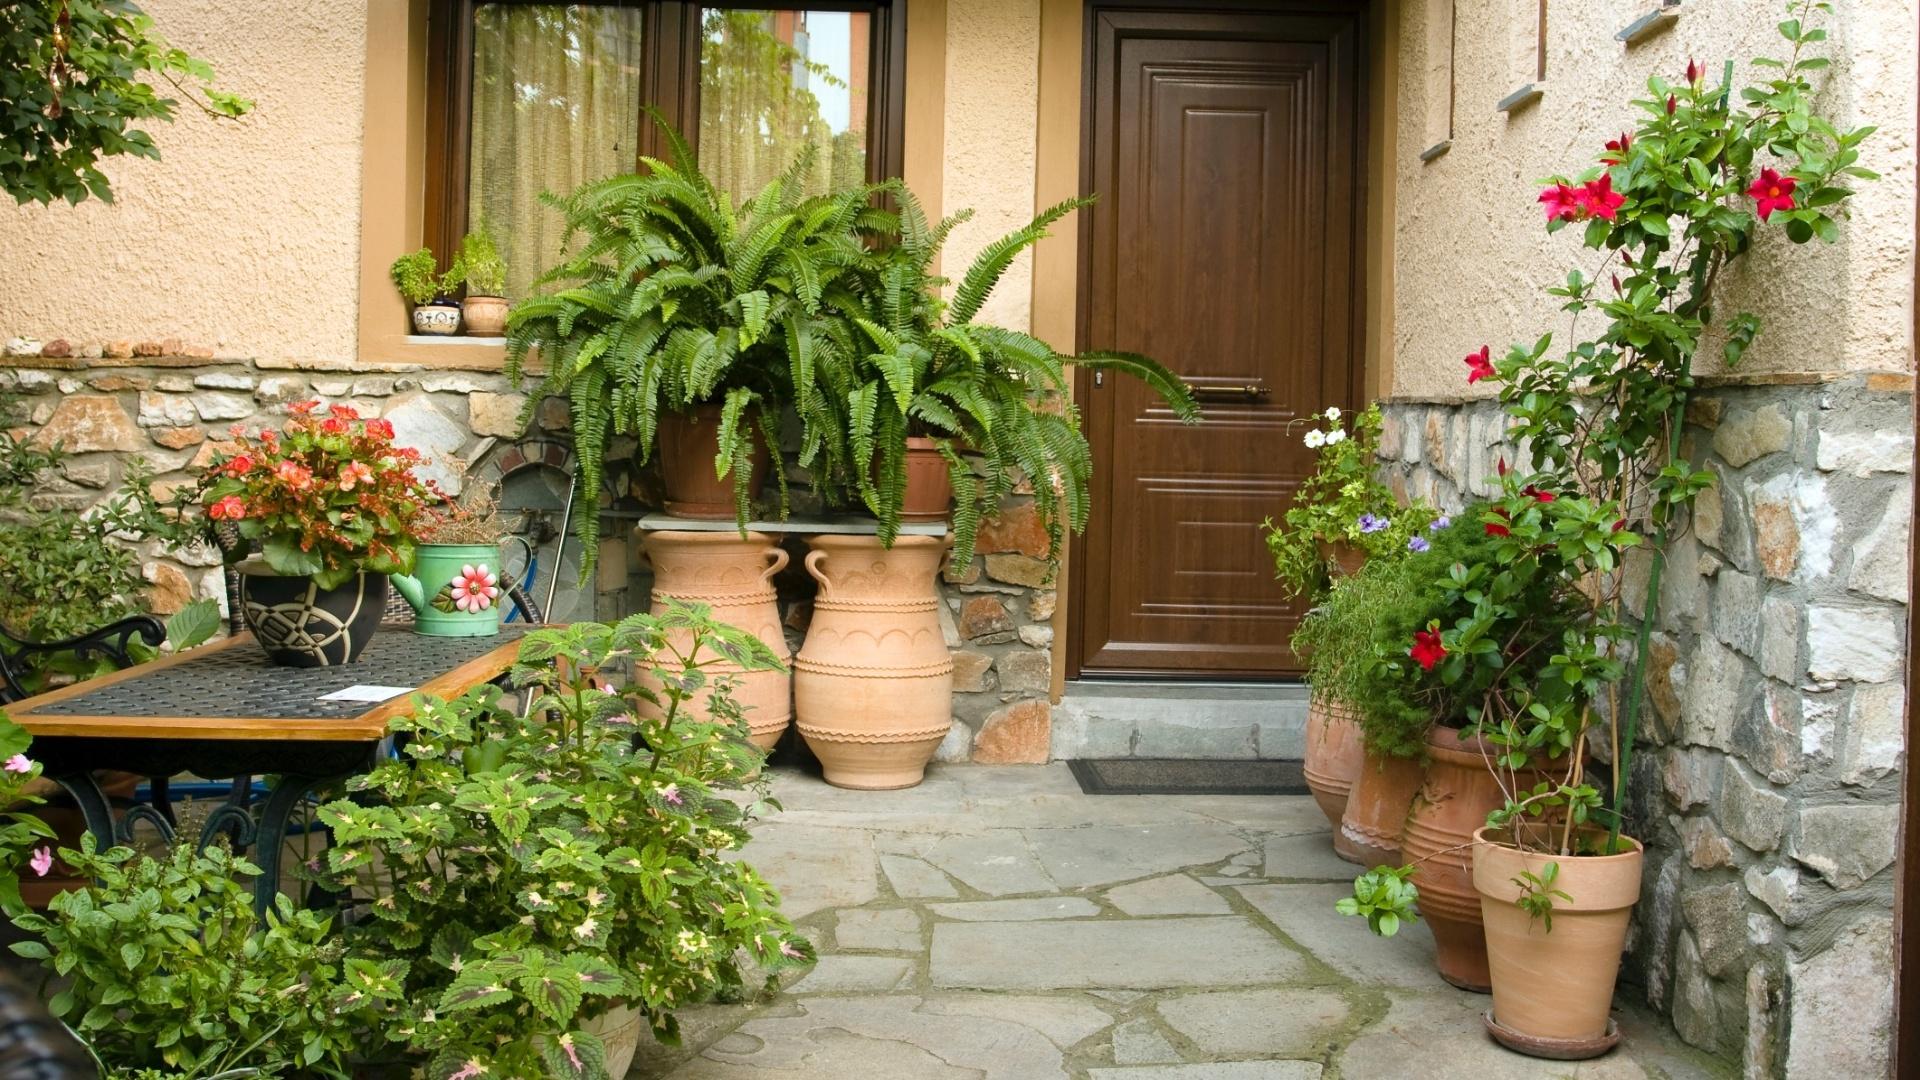 Conheça os erros mais comuns em jardinagem e cuide da saúde de suas plantas  - 22 09 2012 - UOL Universa ae2fba227ec